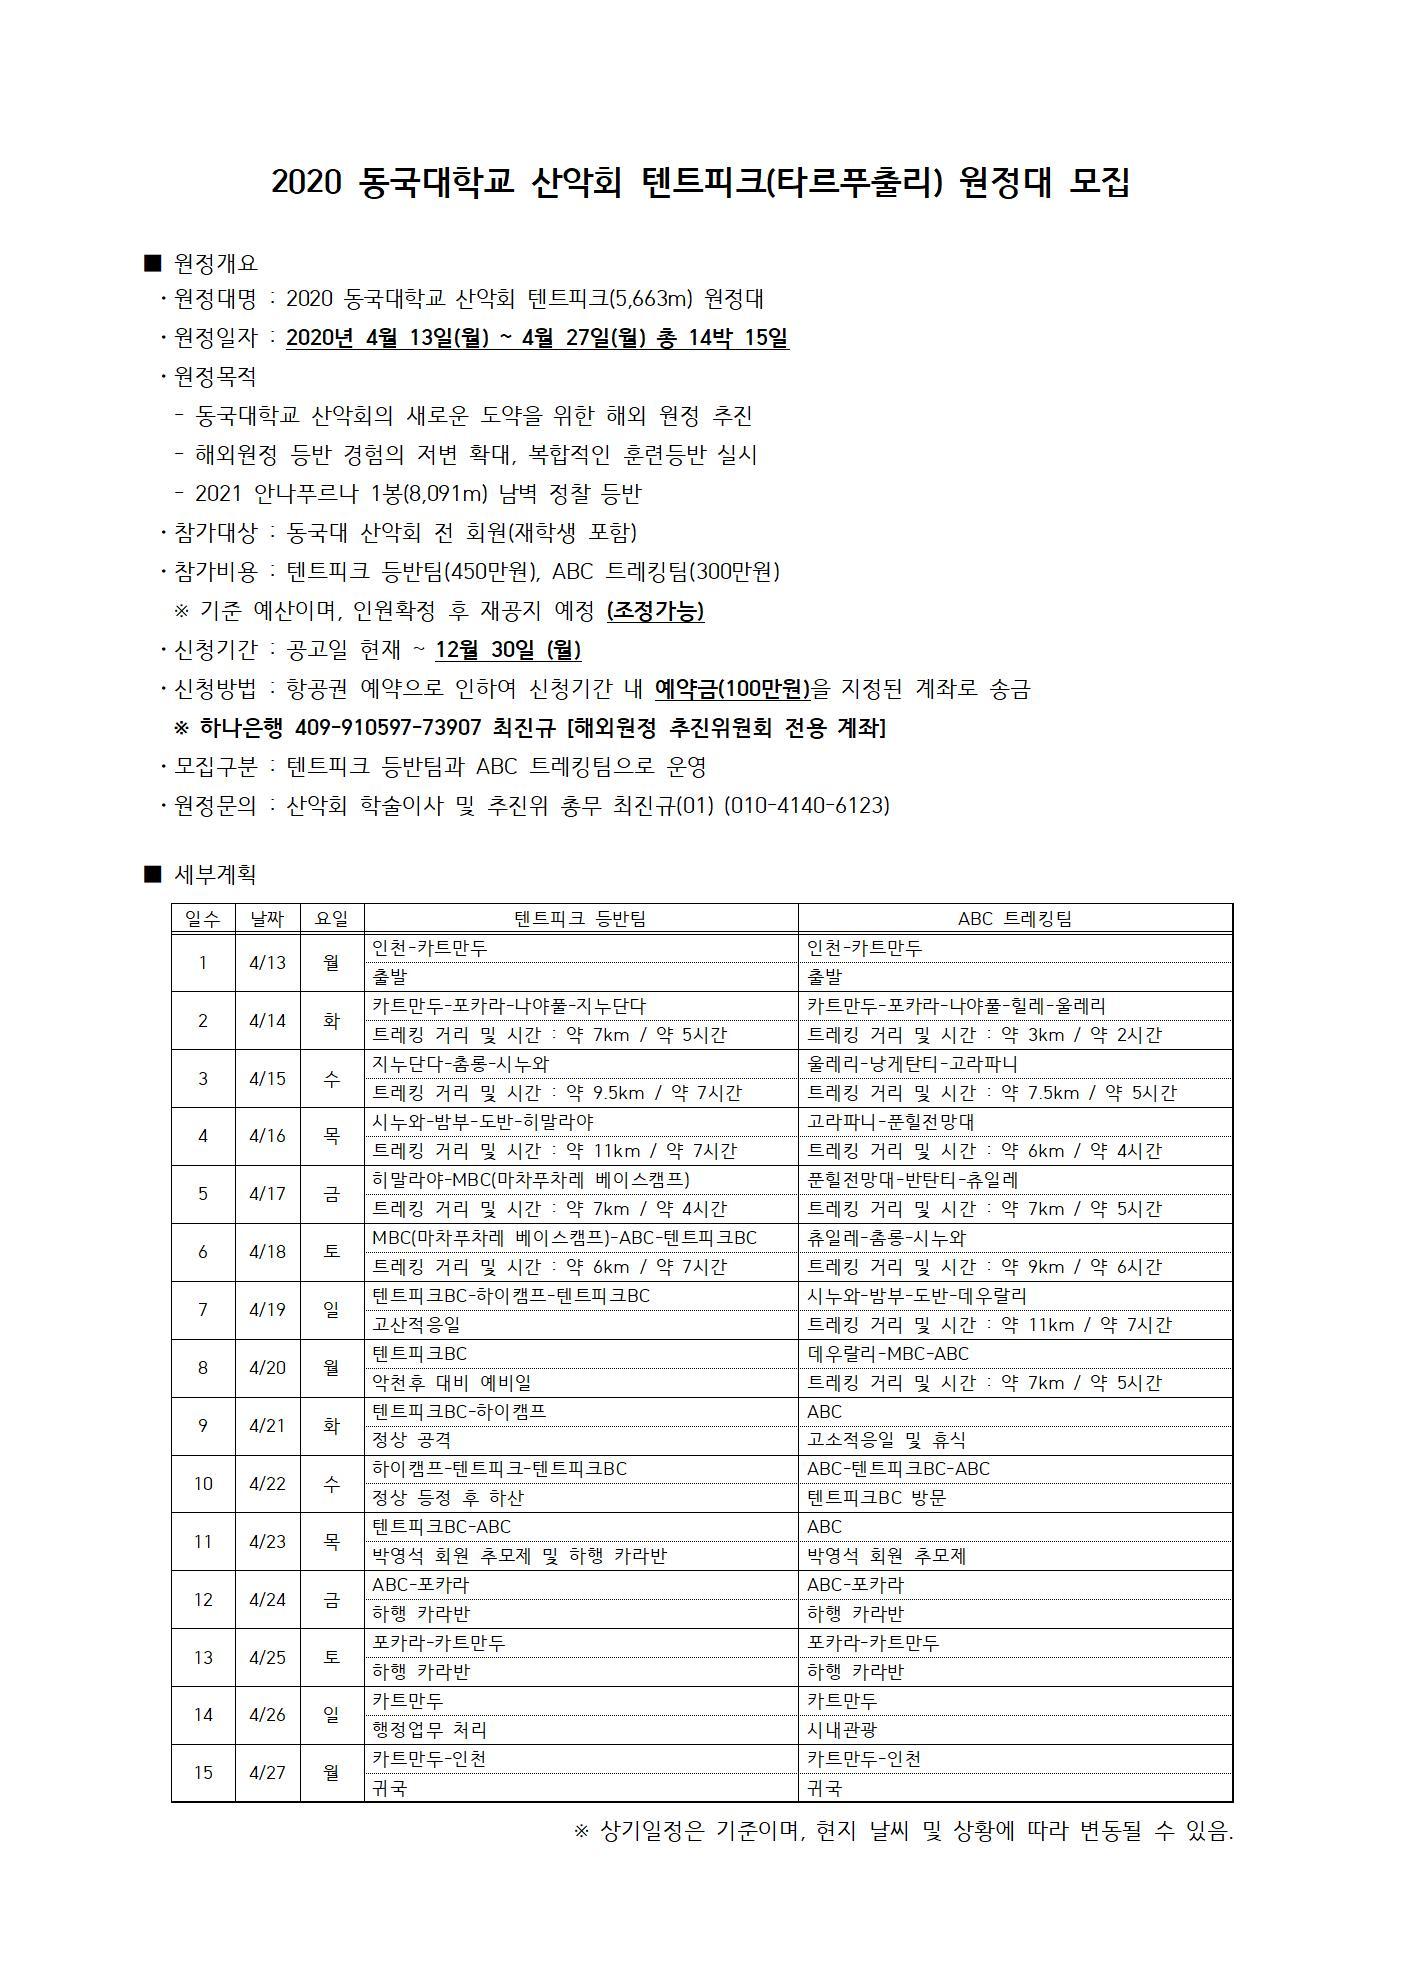 텐트피크 원정대 모집 공고문_최종001.jpg